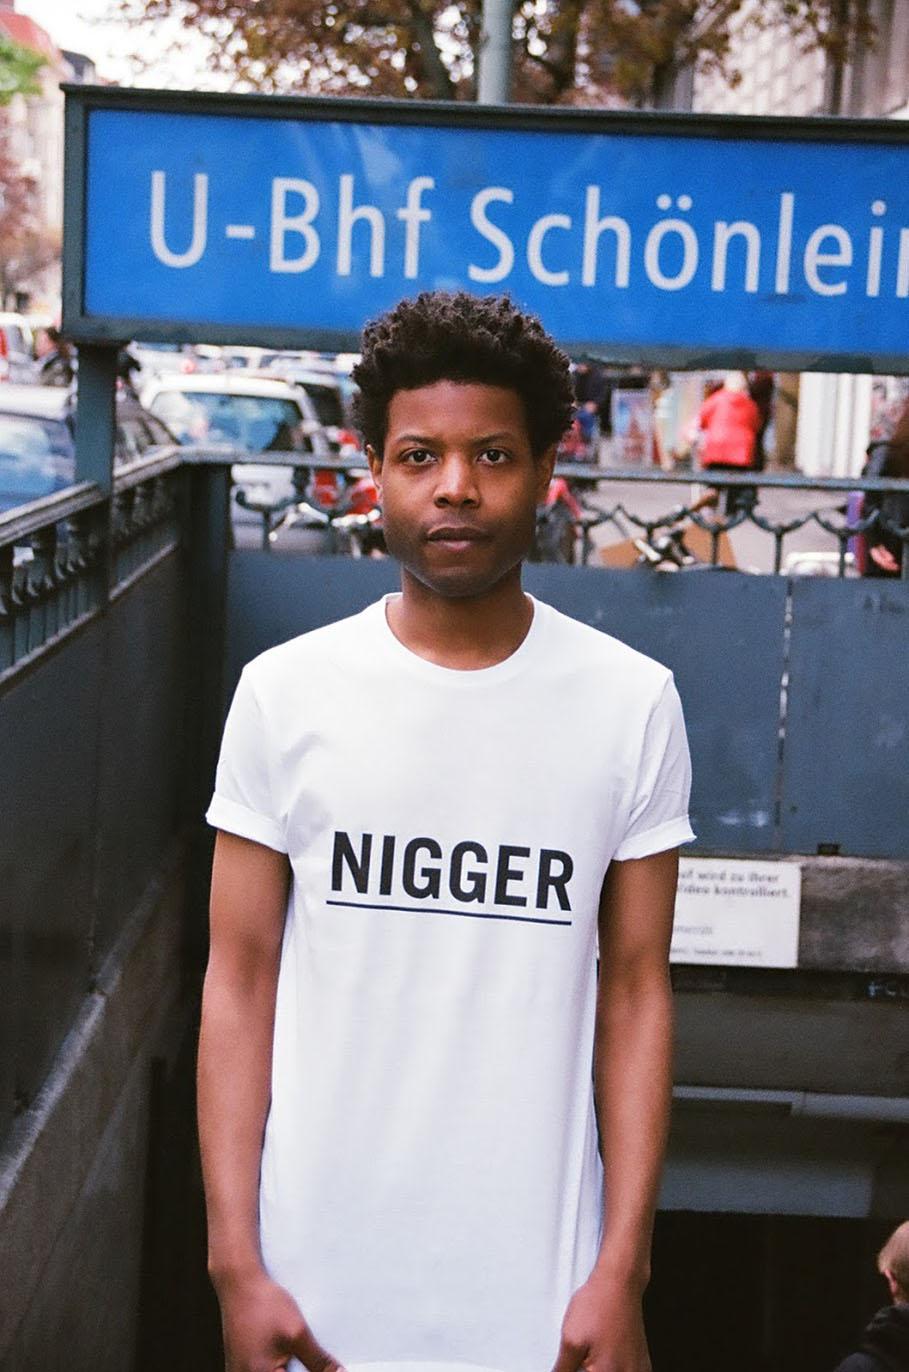 Him Noir | Questo artista indossa- le frasi razziste che gli dicono in giro-5